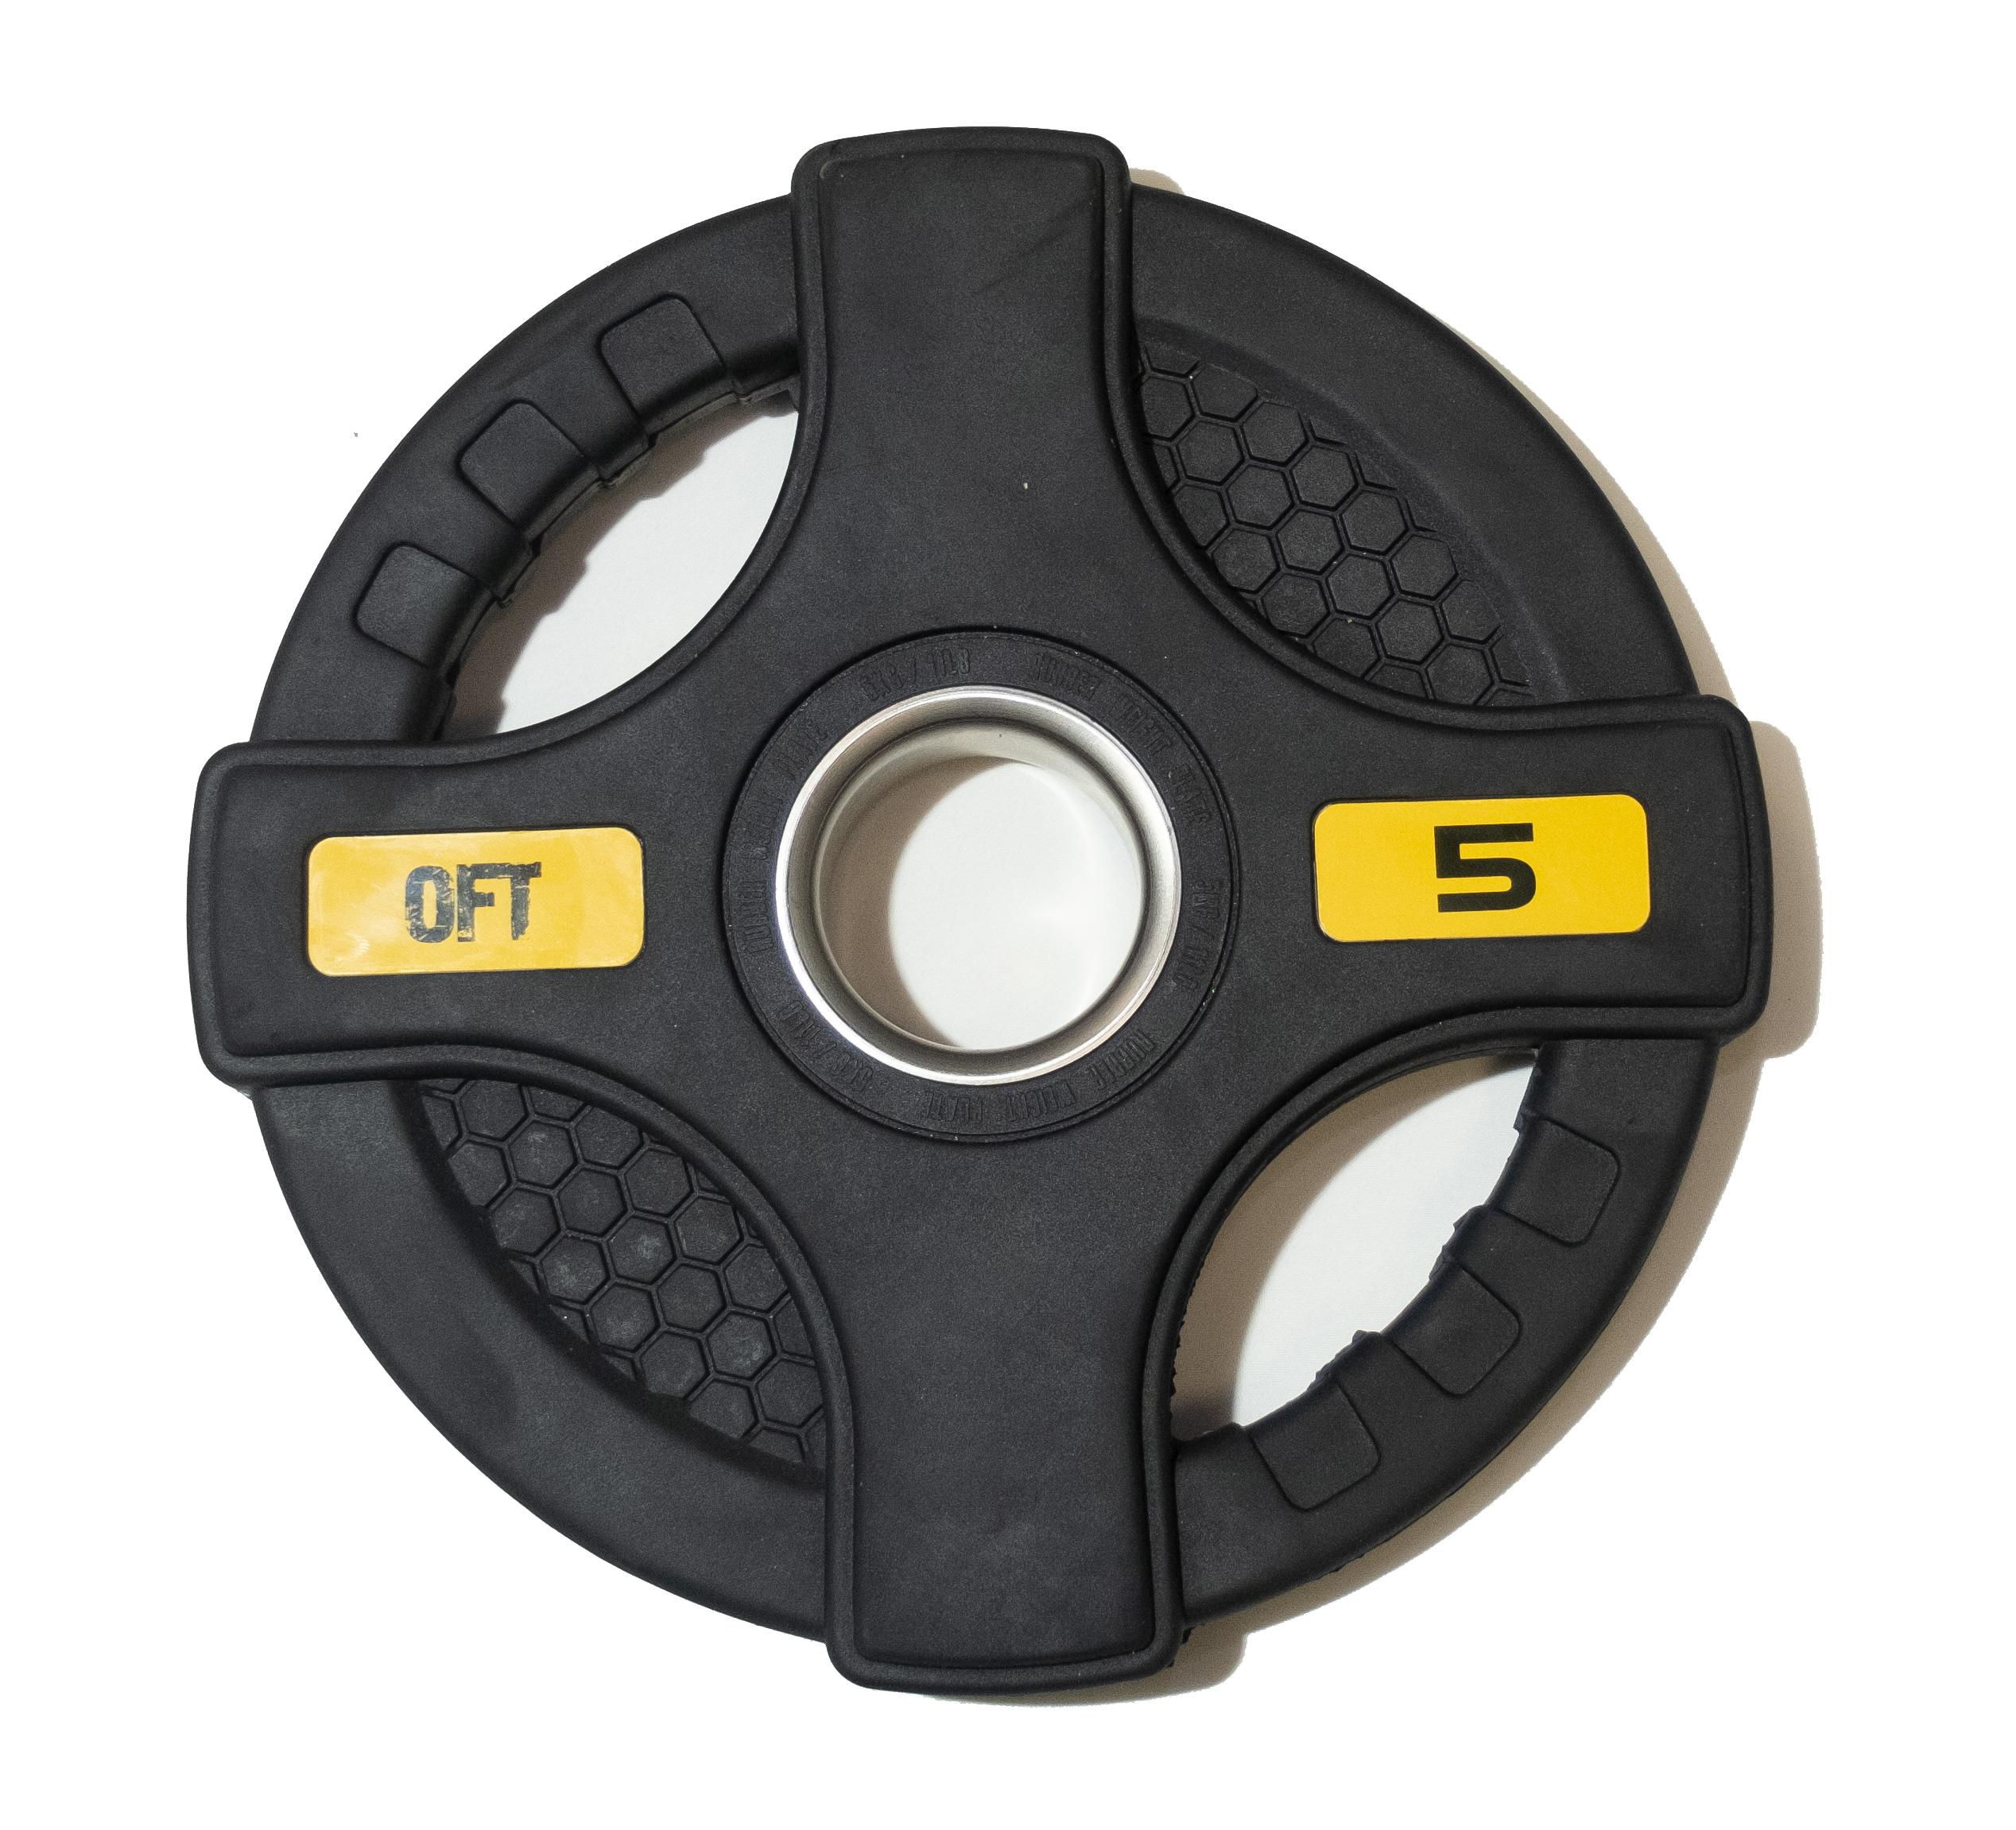 Диск для грифа ORIGINAL FIT.TOOLS олимпийский обрезиненный черный с двумя хватами FT-2HGP-5 кг диск для грифа v sport lb 5 олимпийский 5 кг обрезин чёрный